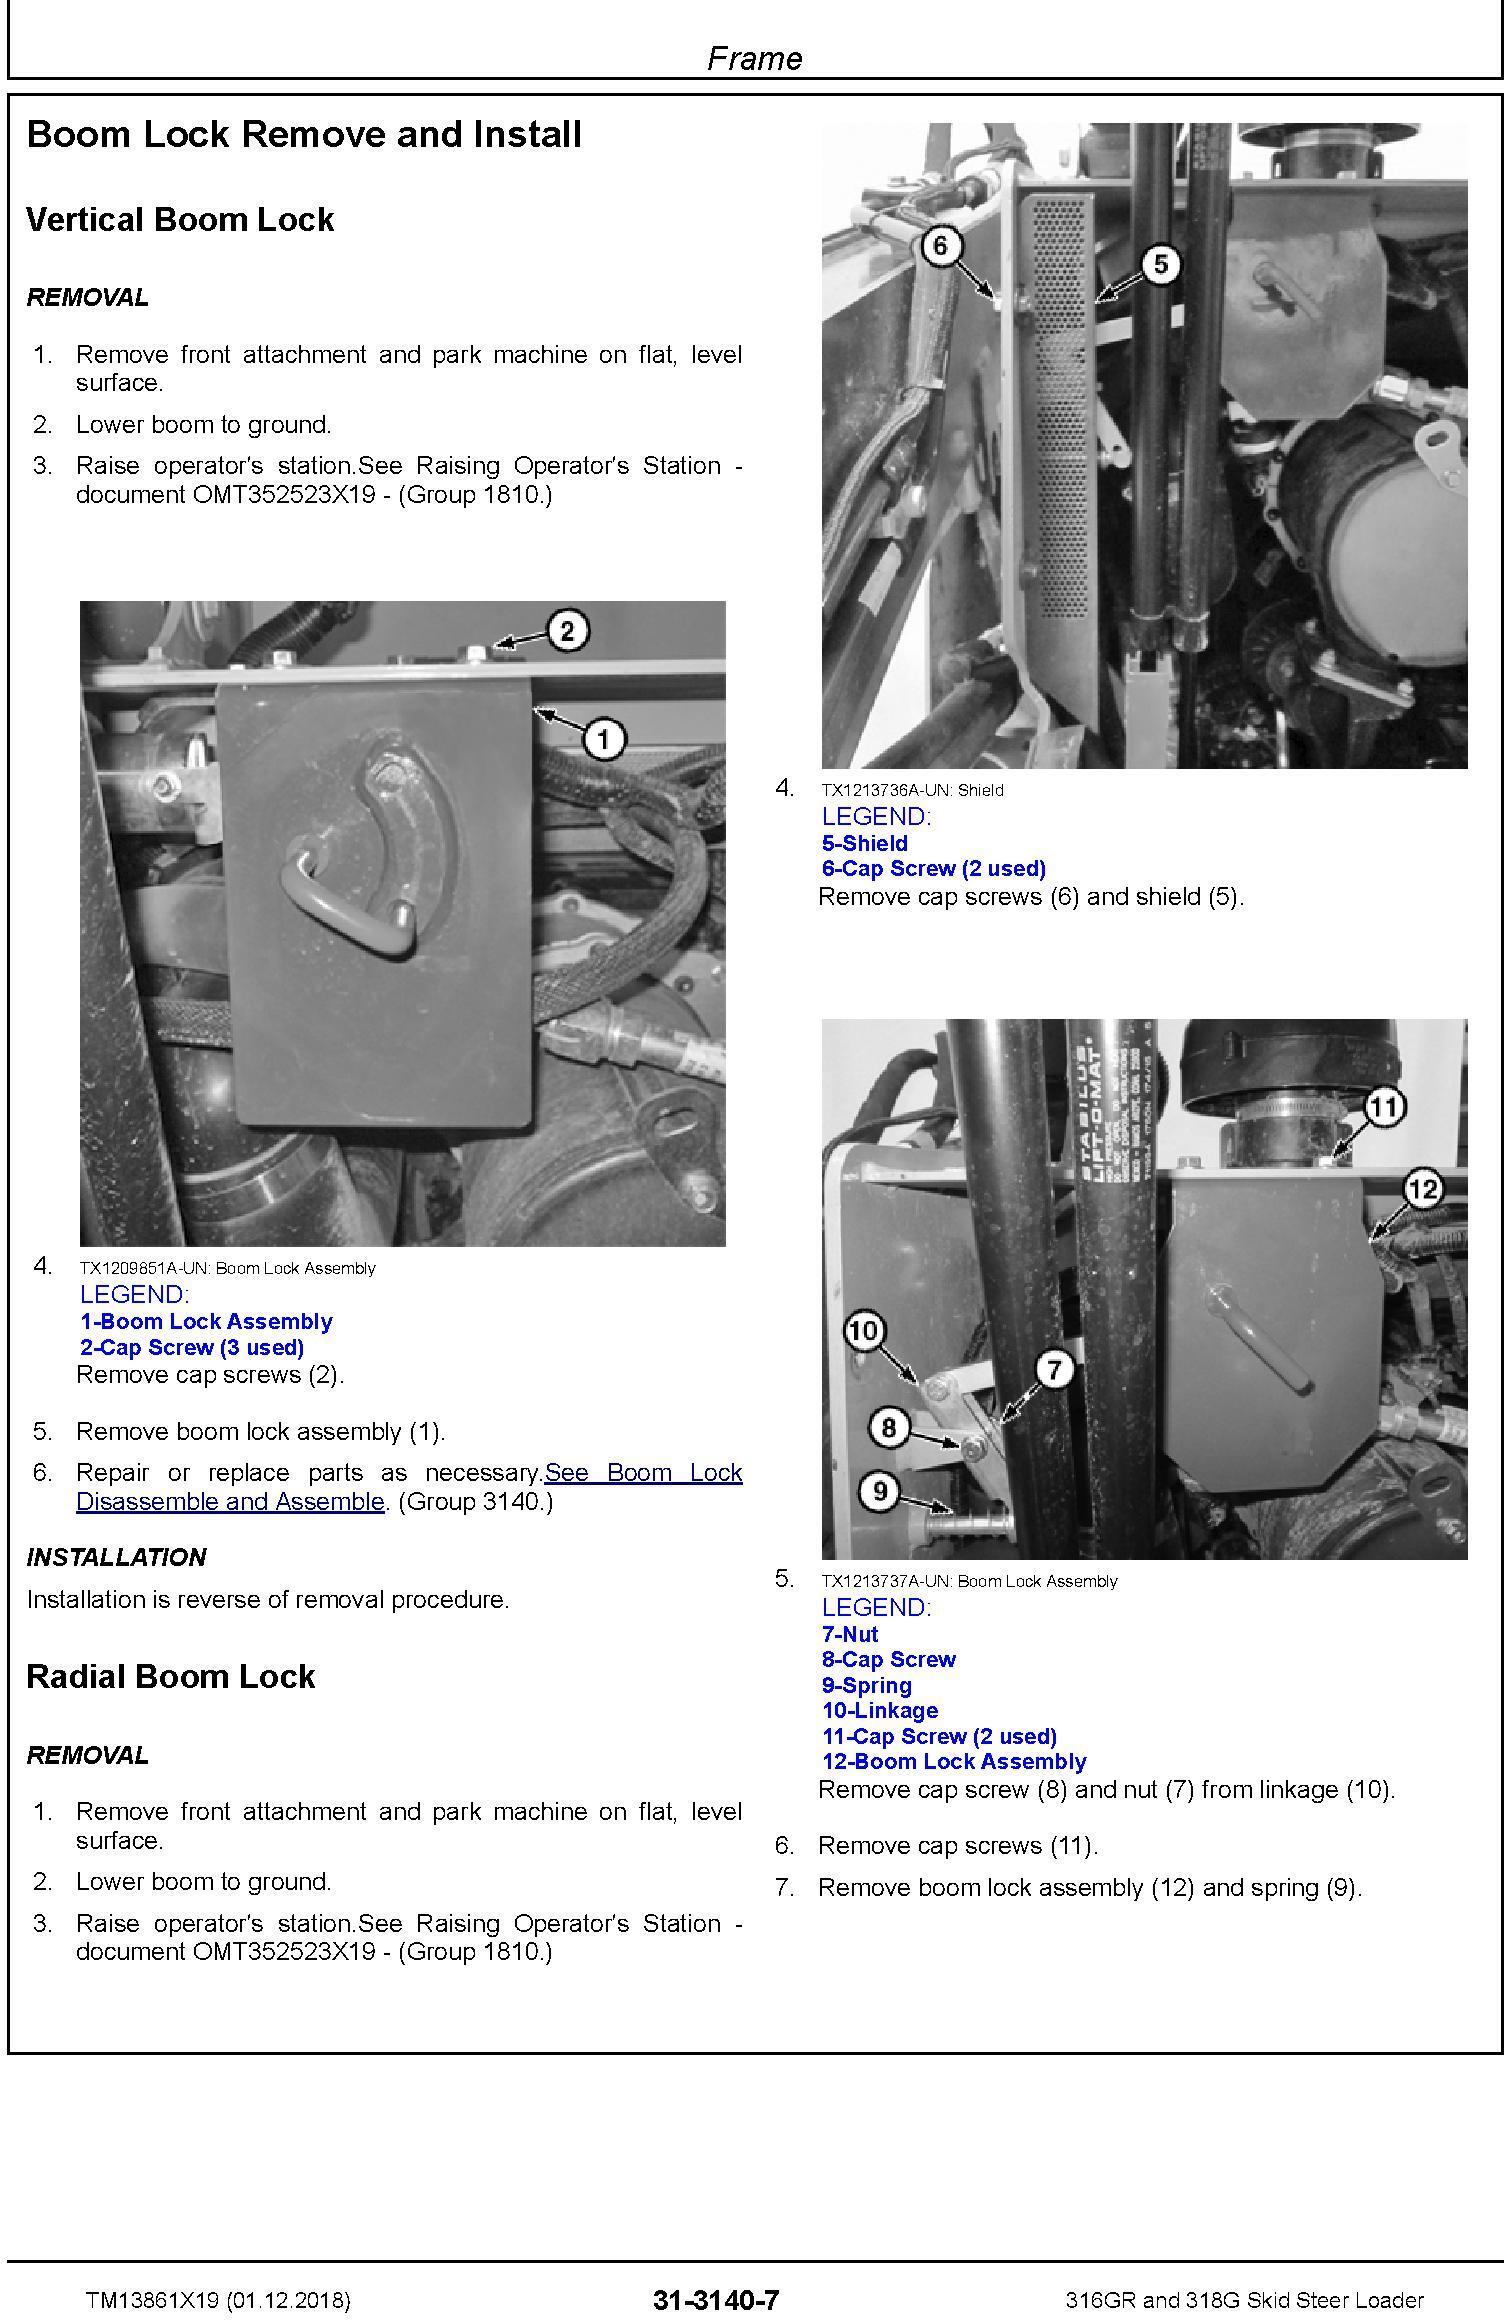 John Deere 316GR and 318G Skid Steer Loader Repair Service Manual (TM13861X19) - 3